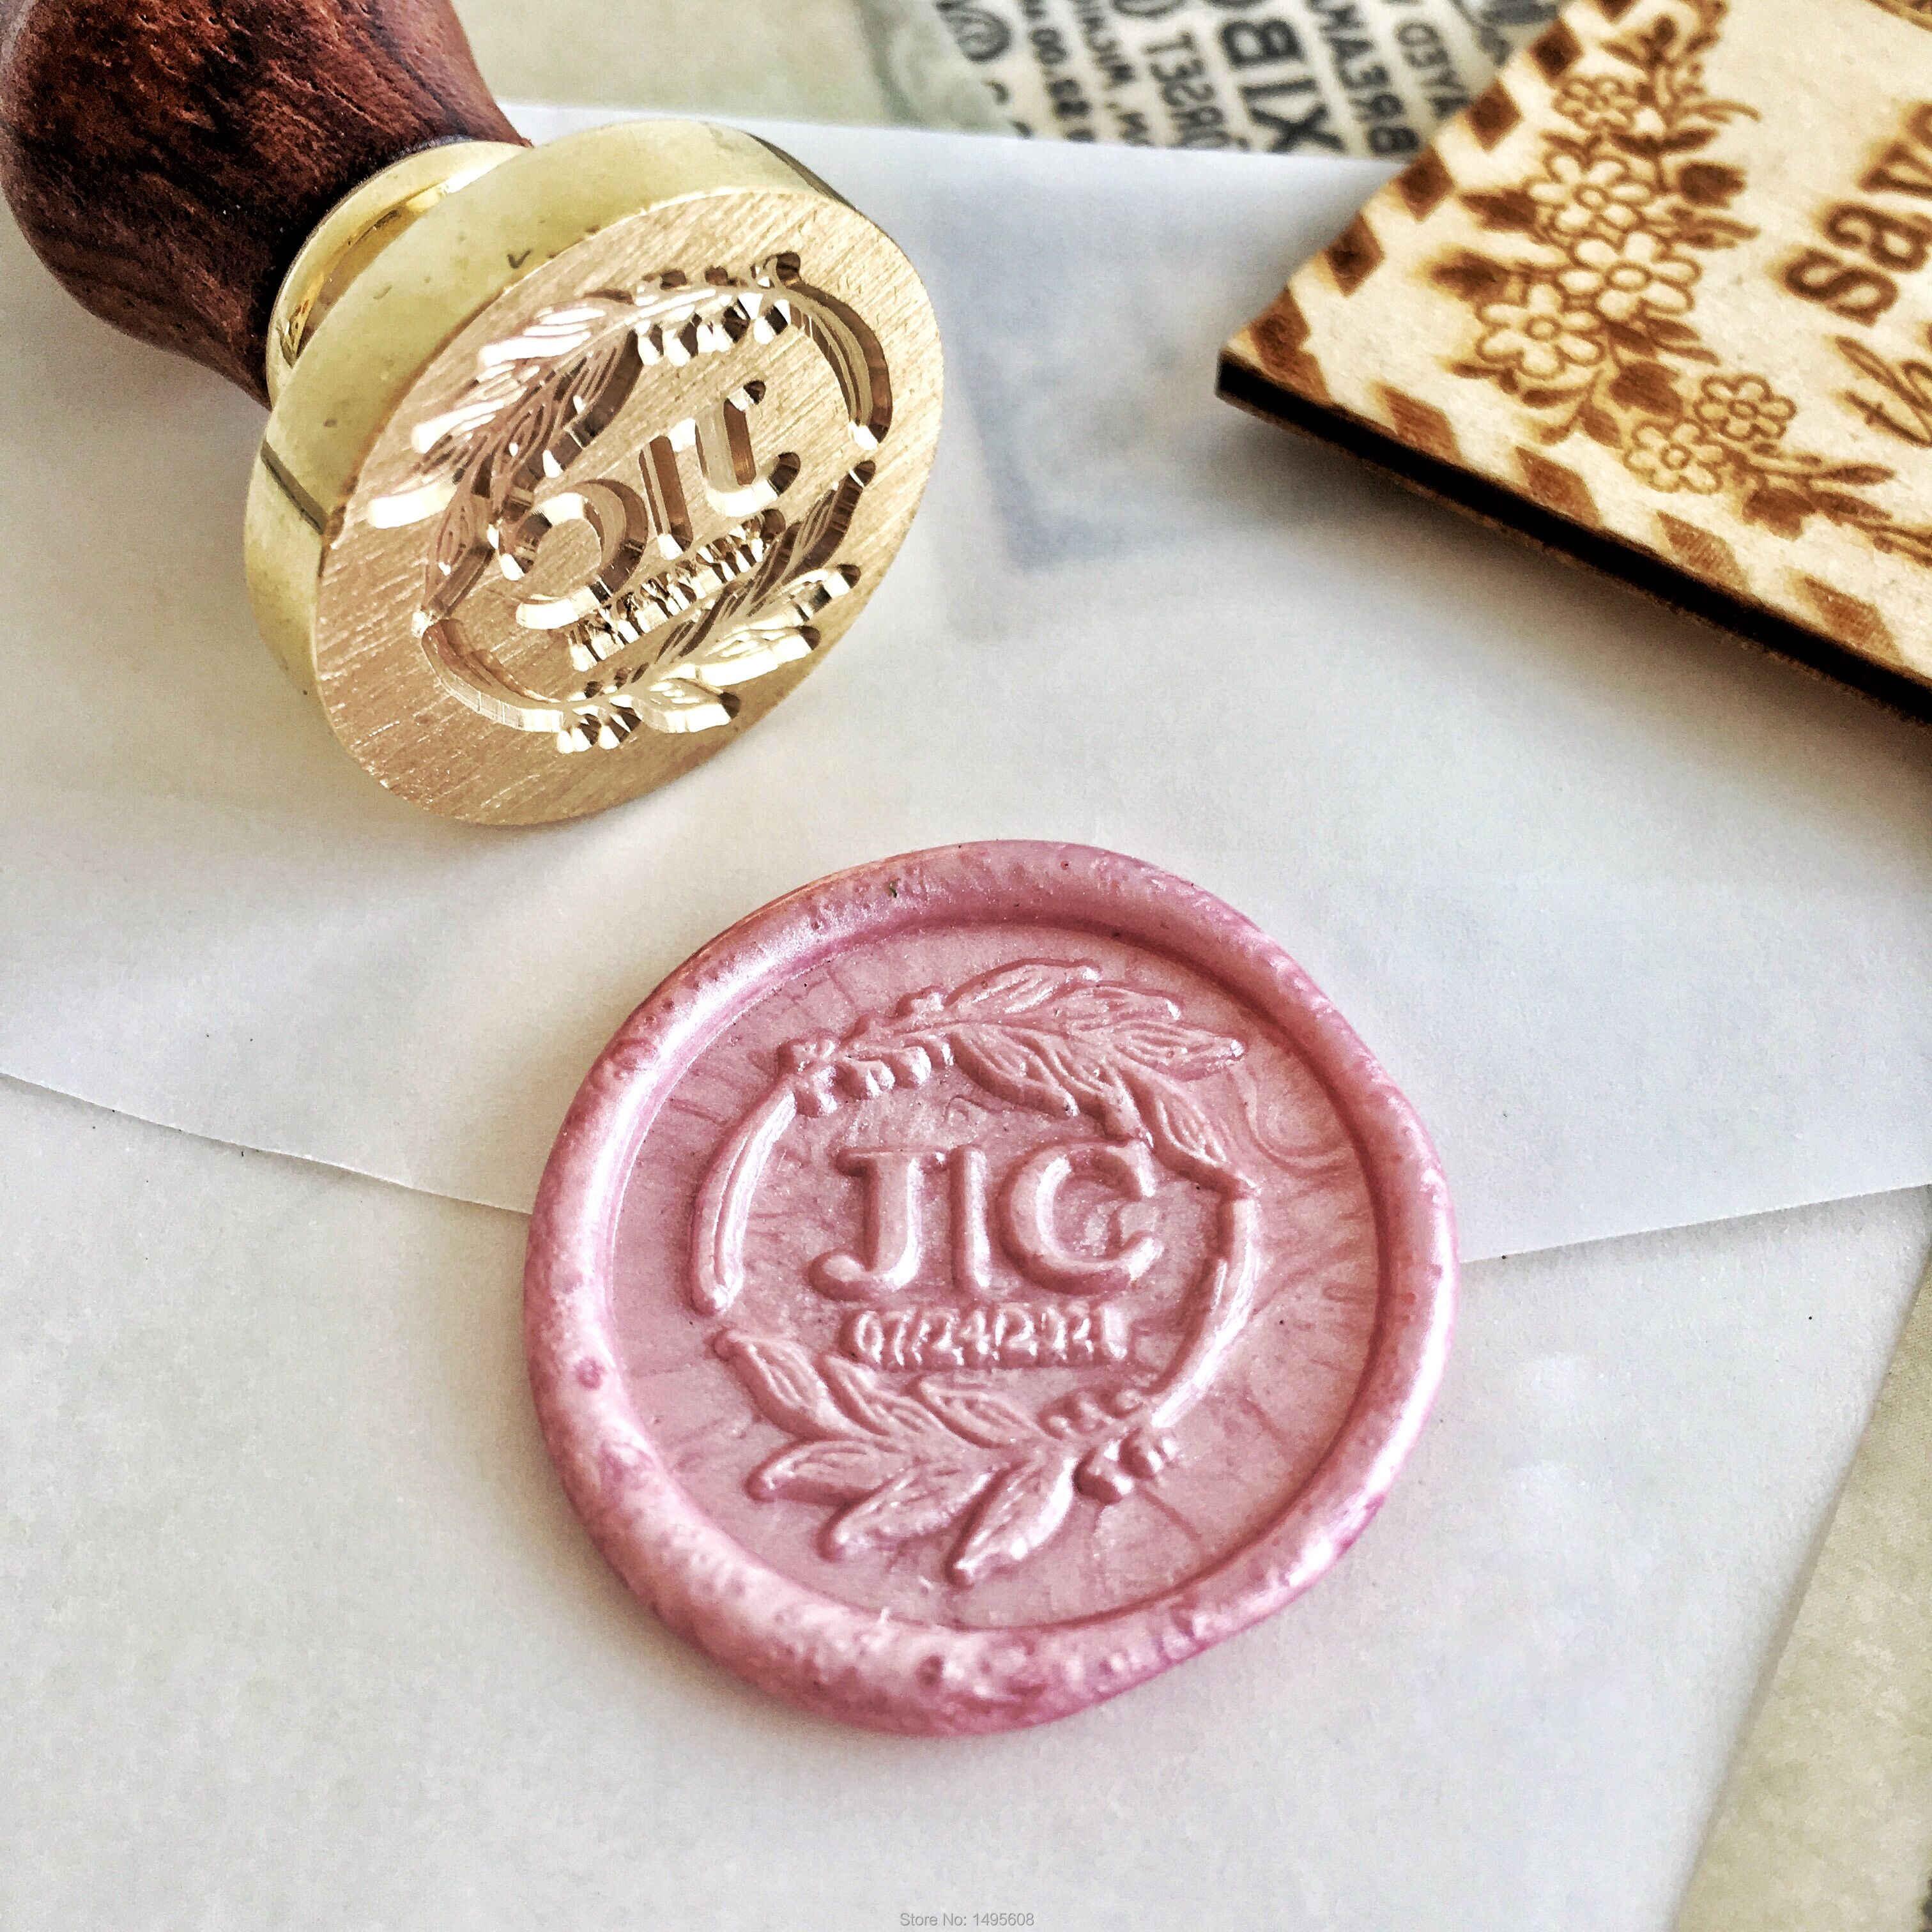 ختم اسم شخصي خاص تخصيص اثنين من الأحرف الأولى شعار تصميم ختم دعوة الزفاف تصميم الديكور الرجعية الشمع الختم Stamps Aliexpress